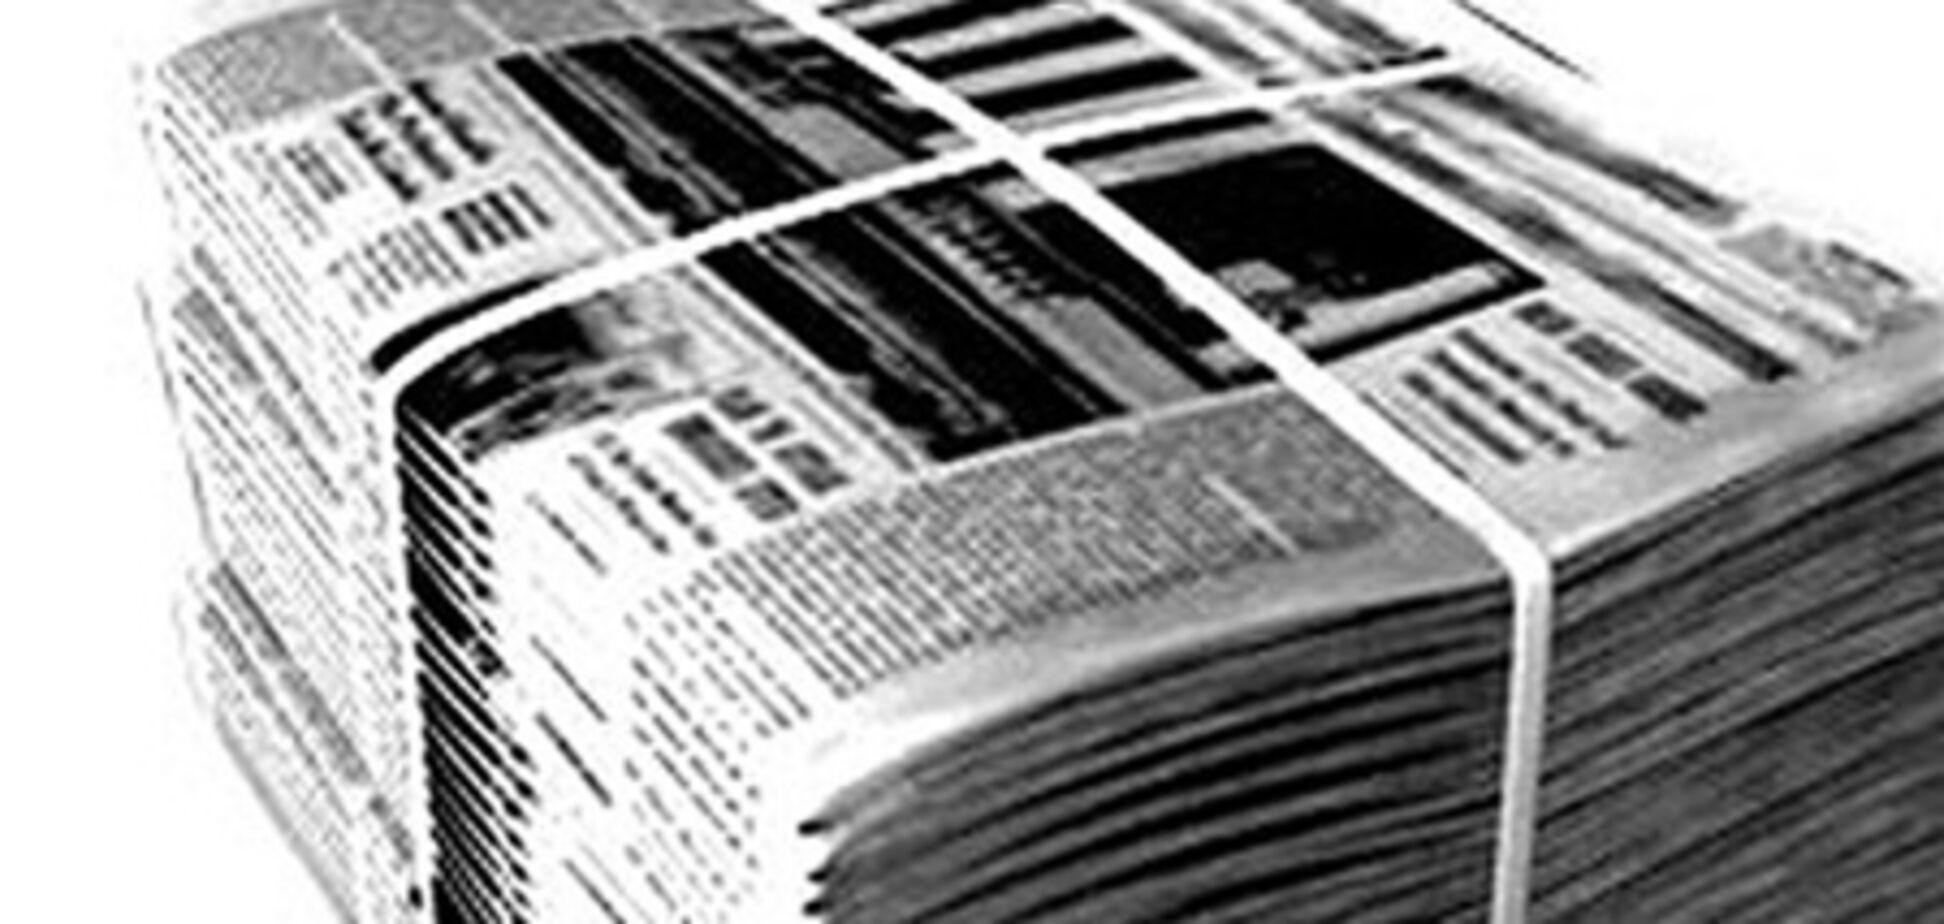 Генпрокуратуру просят заступиться за газету в Запорожской области